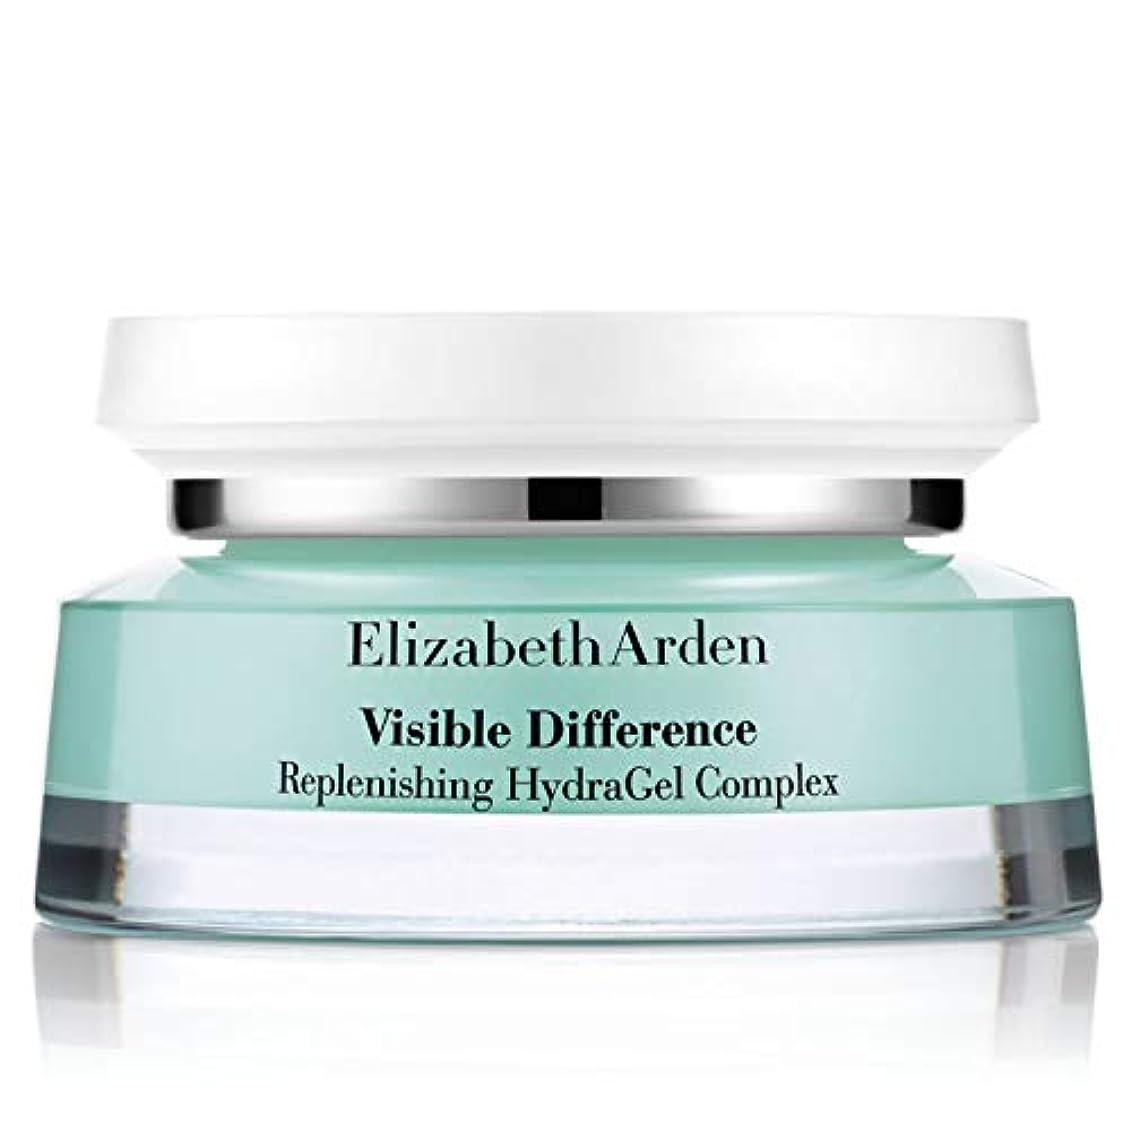 朝の体操をする想定するつかの間エリザベスアーデン Visible Difference Replenishing HydraGel Complex 75ml/2.6oz並行輸入品